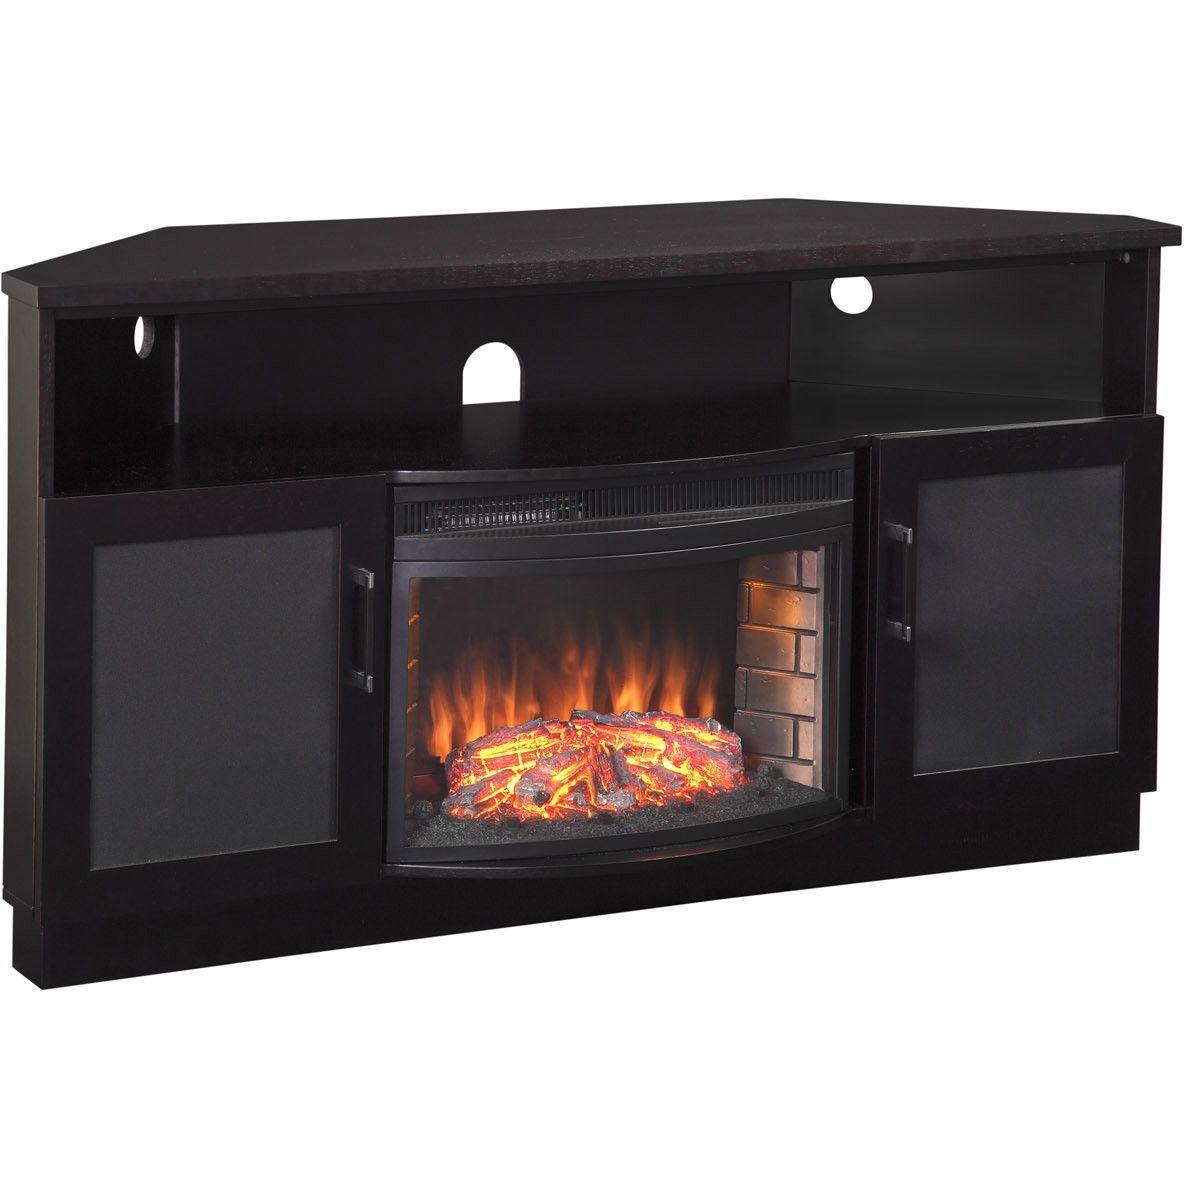 Furnitech Black Corner Tv Stand Electric Fireplace For 65 Tv Ft60cccfb Fireplace Tv Stand Tv Stand Black Corner Tv Stand